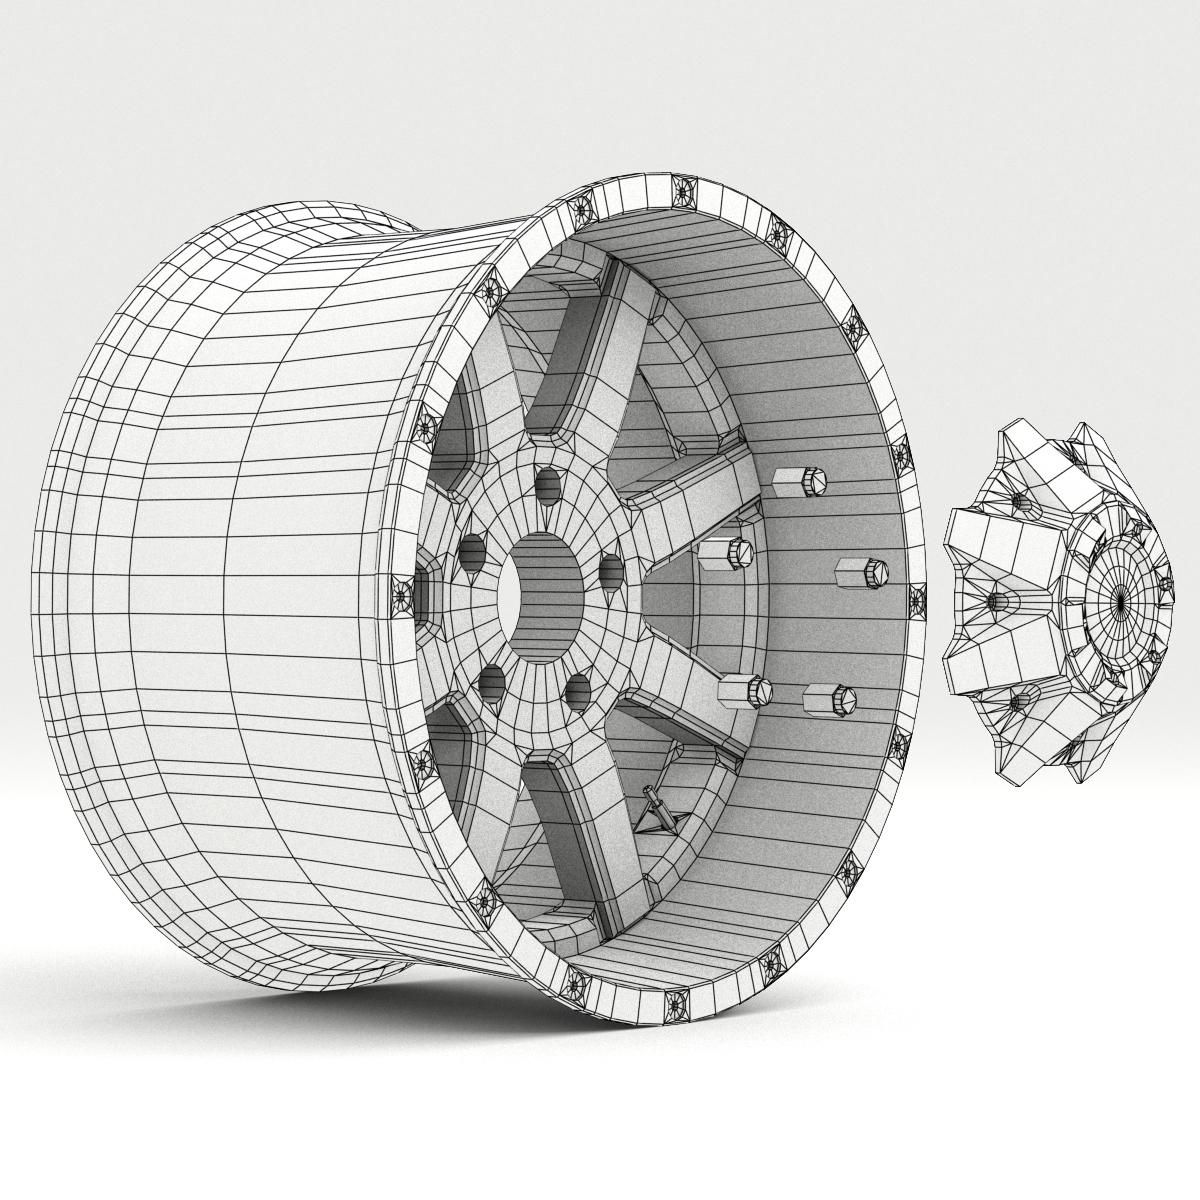 off road wheel and tire 7 3d model 3ds max fbx tga targa icb vda vst pix obj 282496